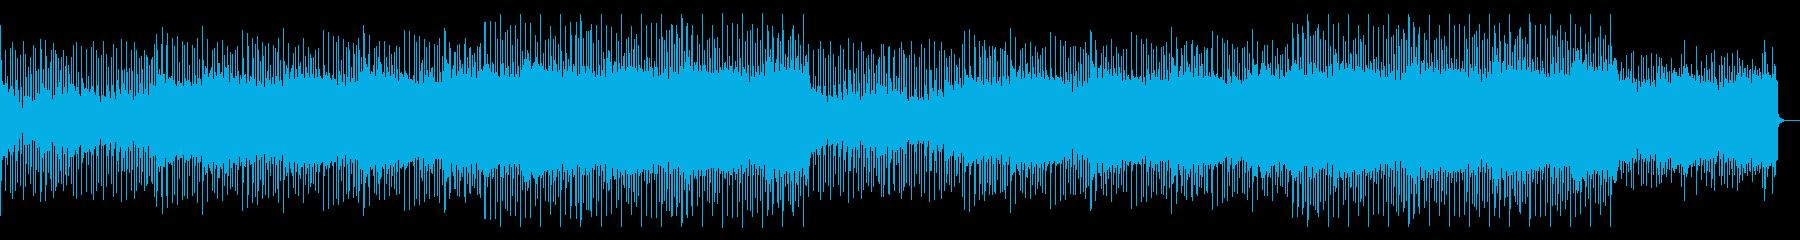 ストリングス無し 広がり 豪華 キラキラの再生済みの波形